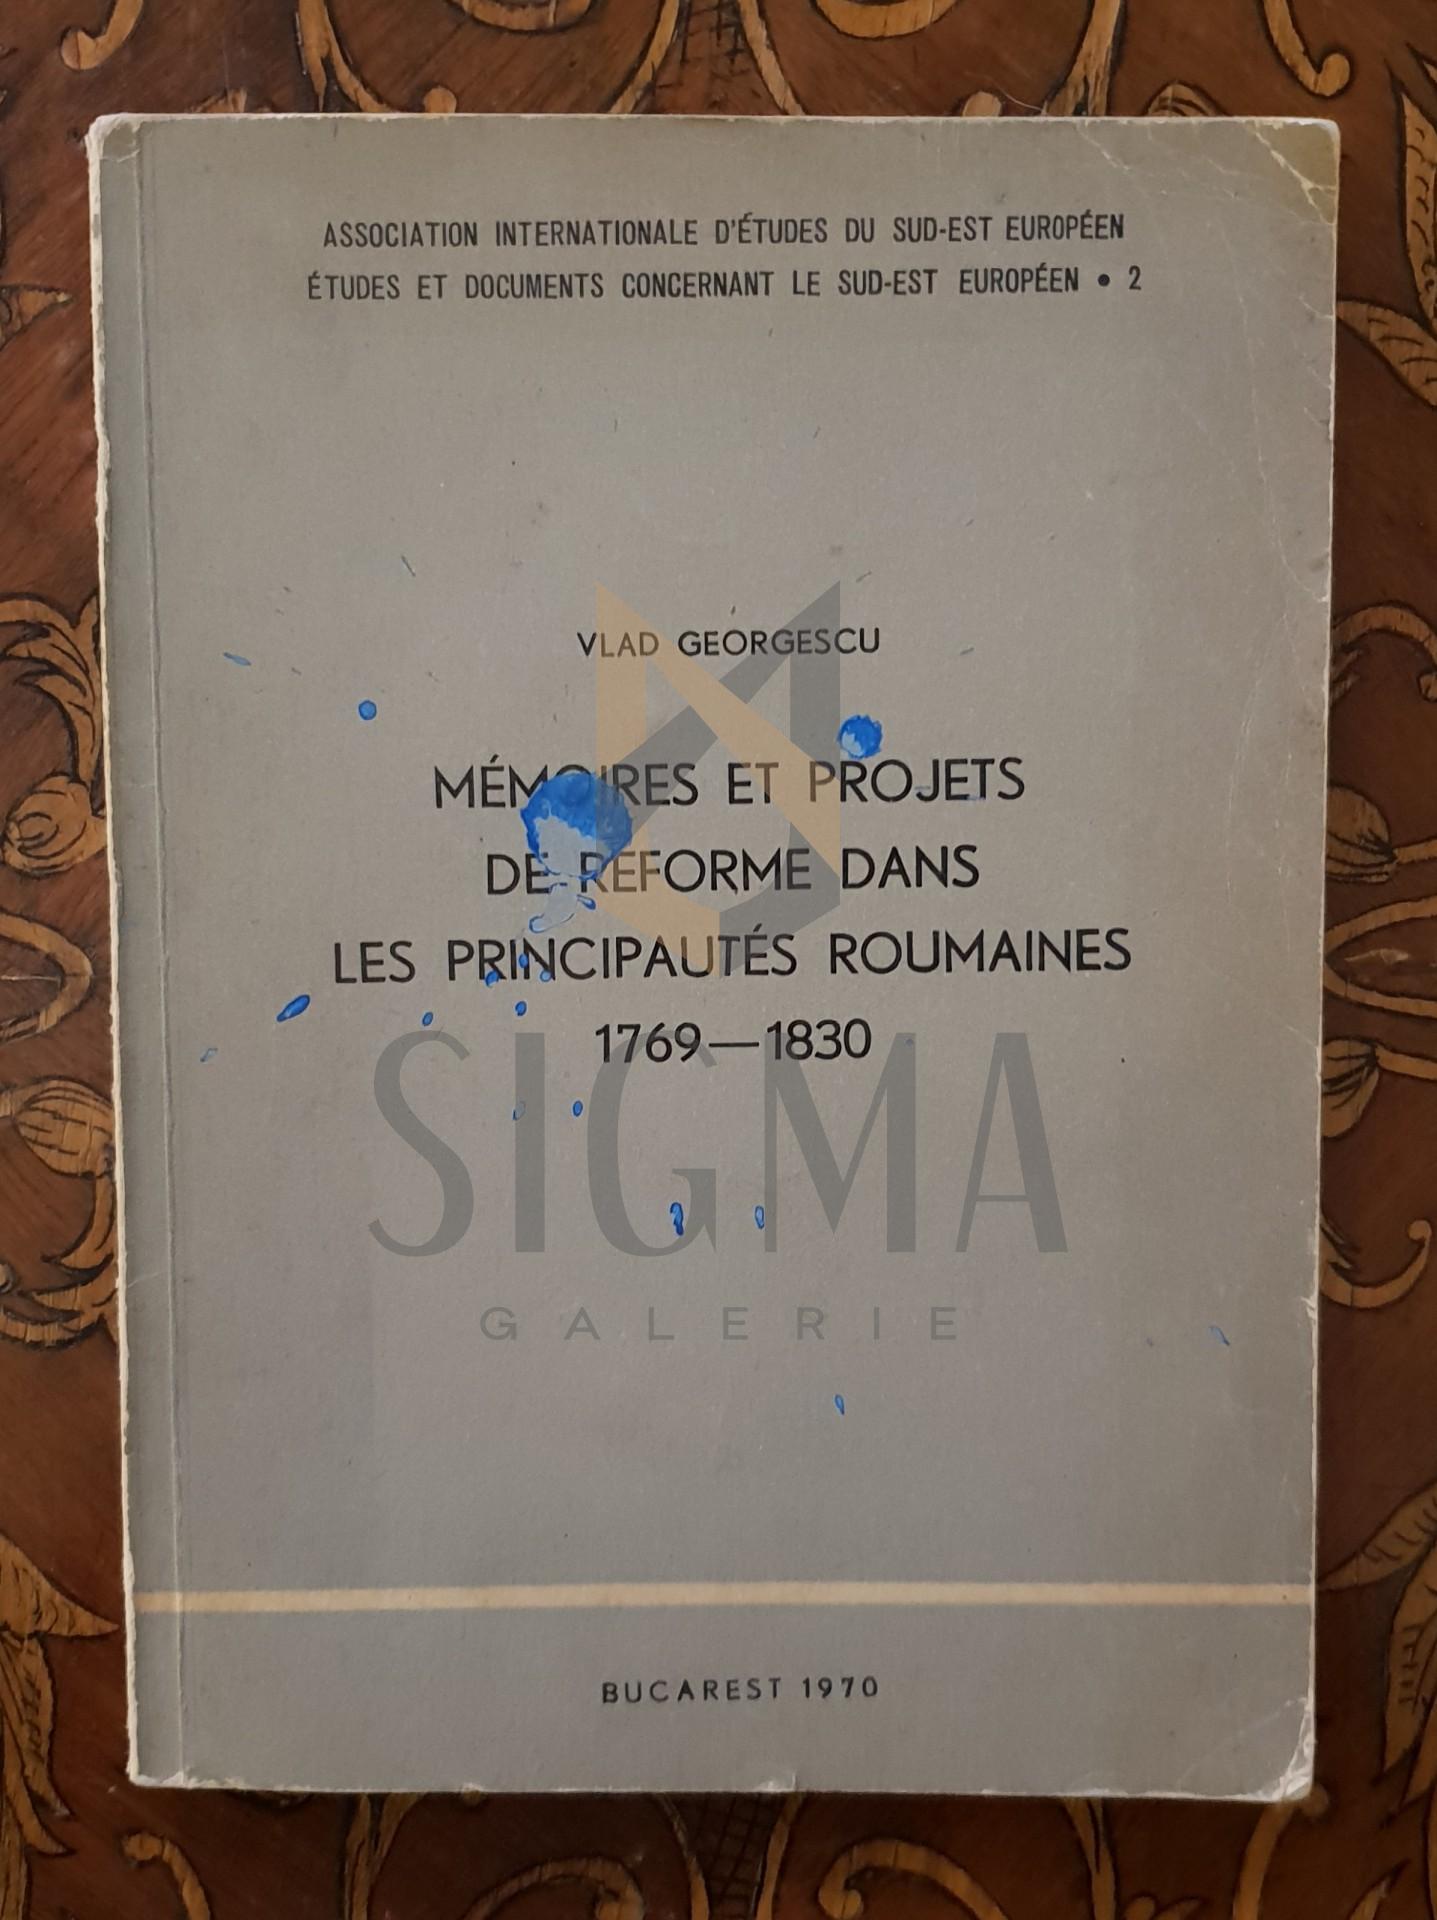 Memoires et projets de reforme dans les principautes Roumaines 1769-1830